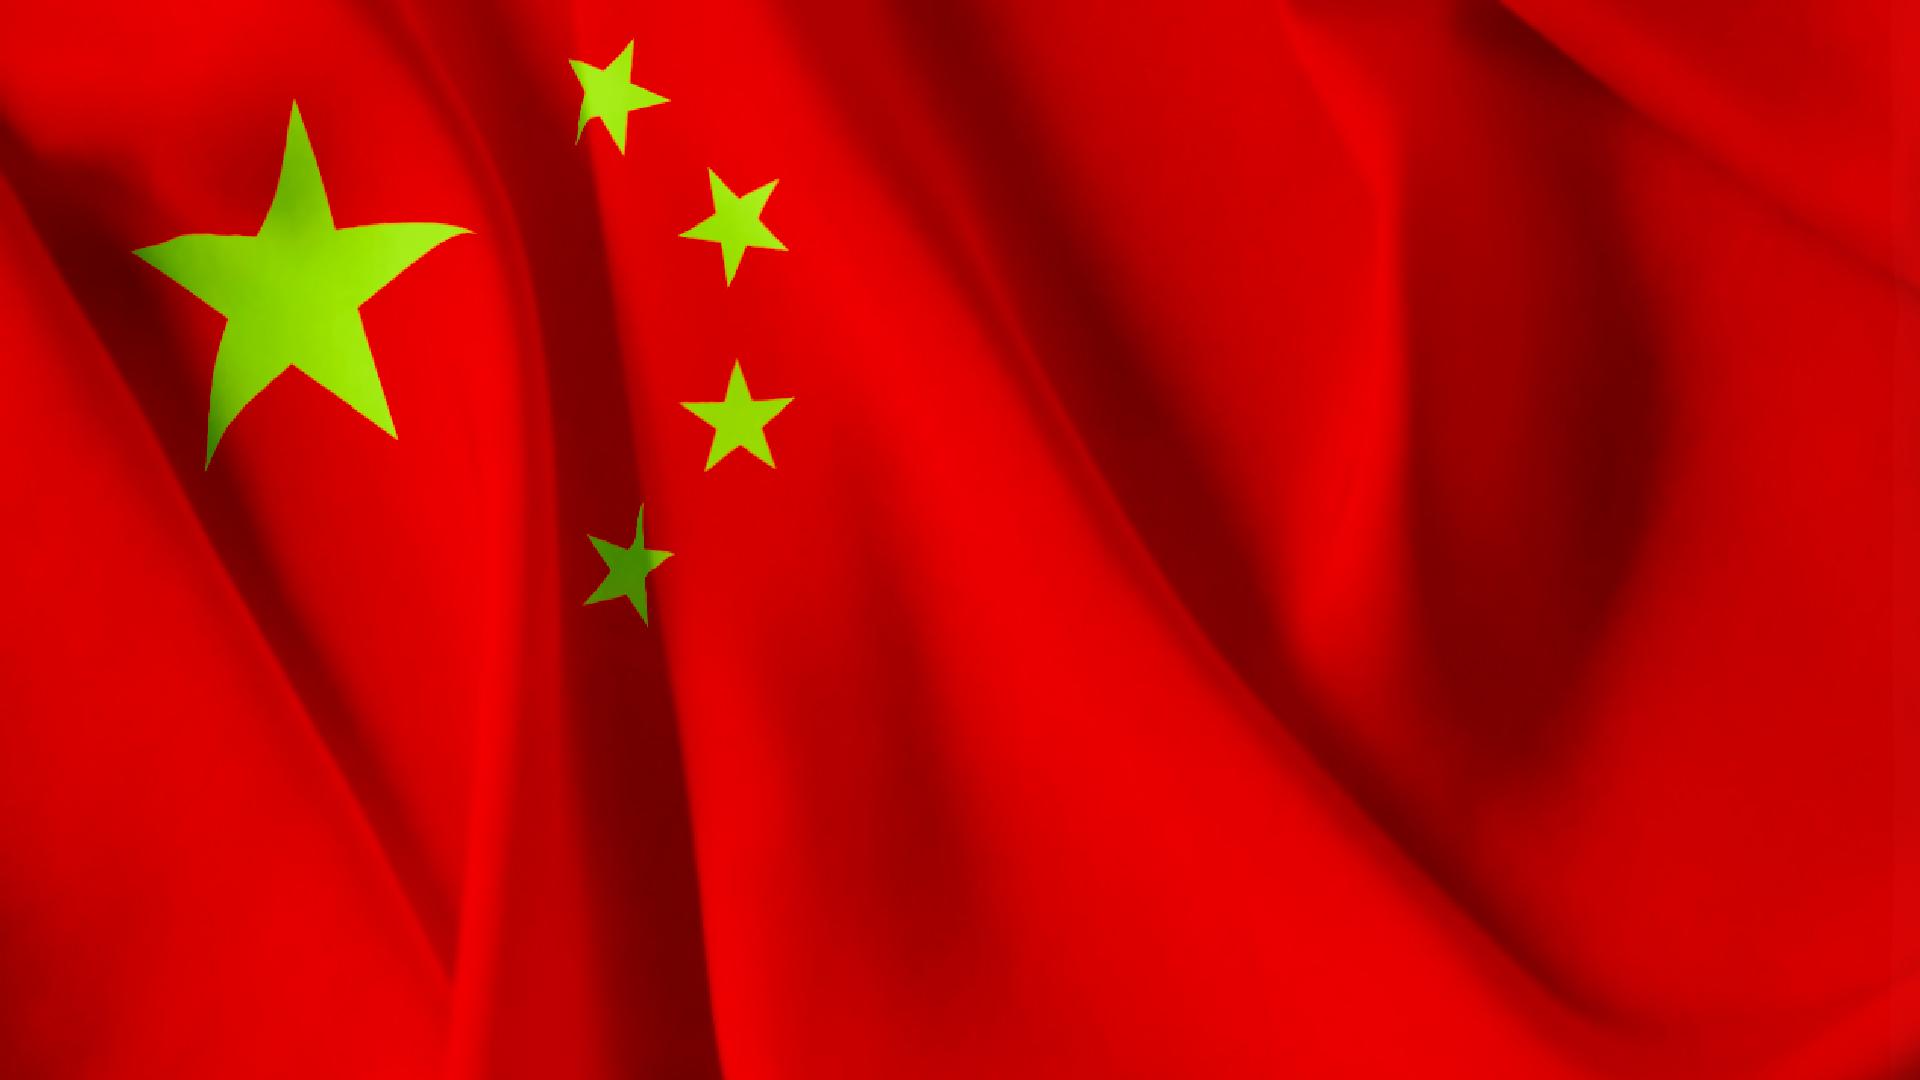 中国国旗_中国の国旗の画像 - ジーソザイ